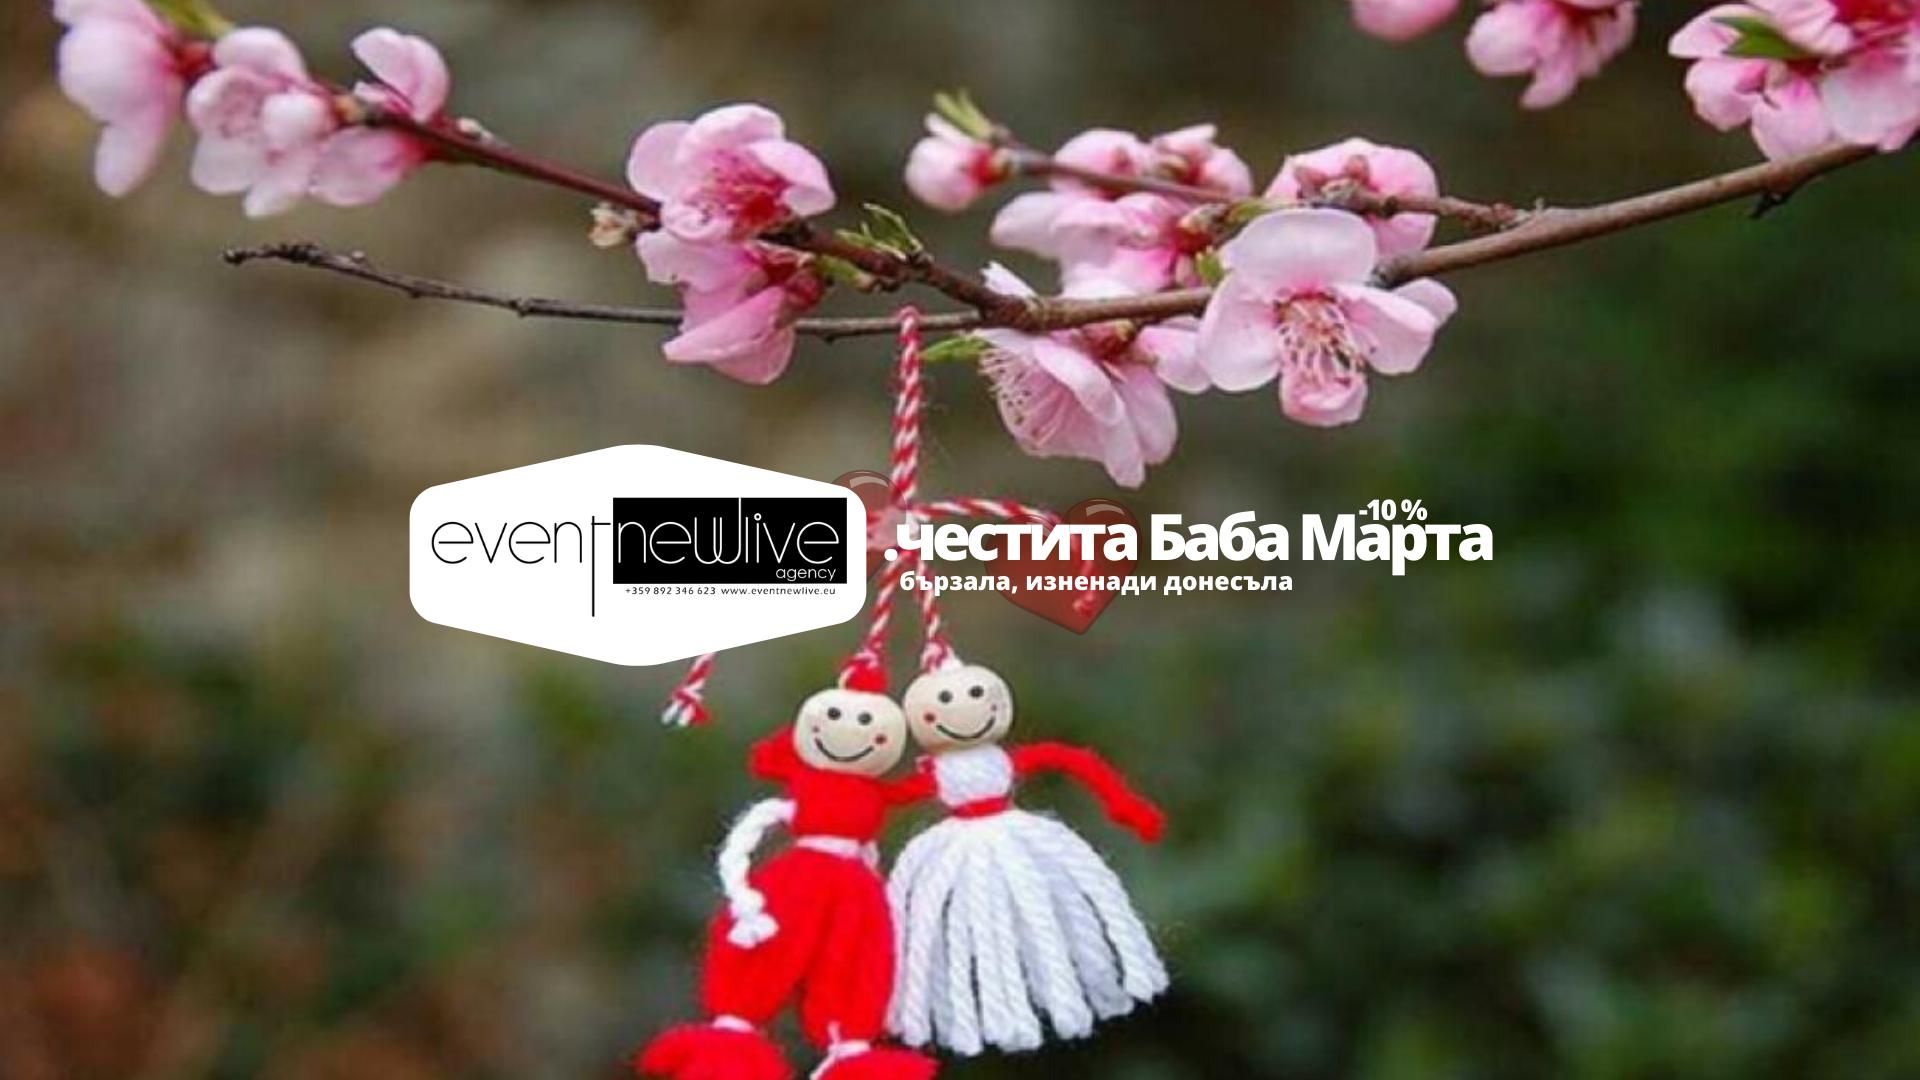 Сватбена агенция, организация на сватби, балове, фирмени и частни партита – Event NewLive Agency